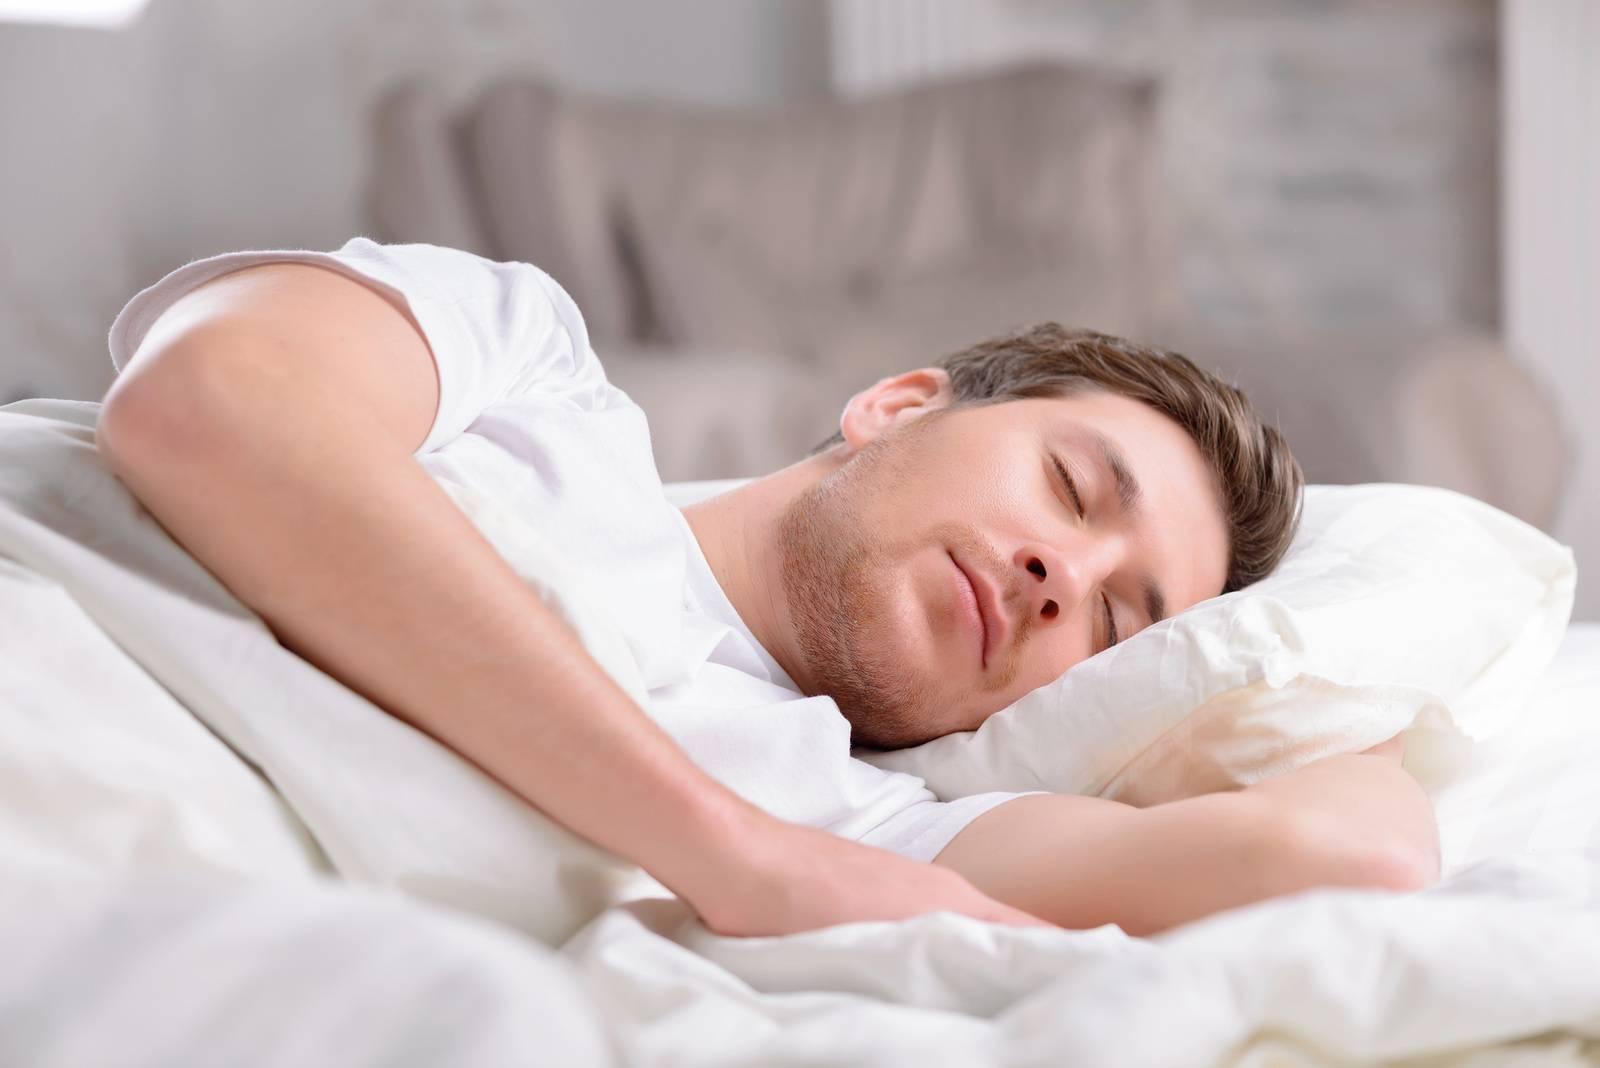 چرا باید به سمت چپ خود بخوابید؟